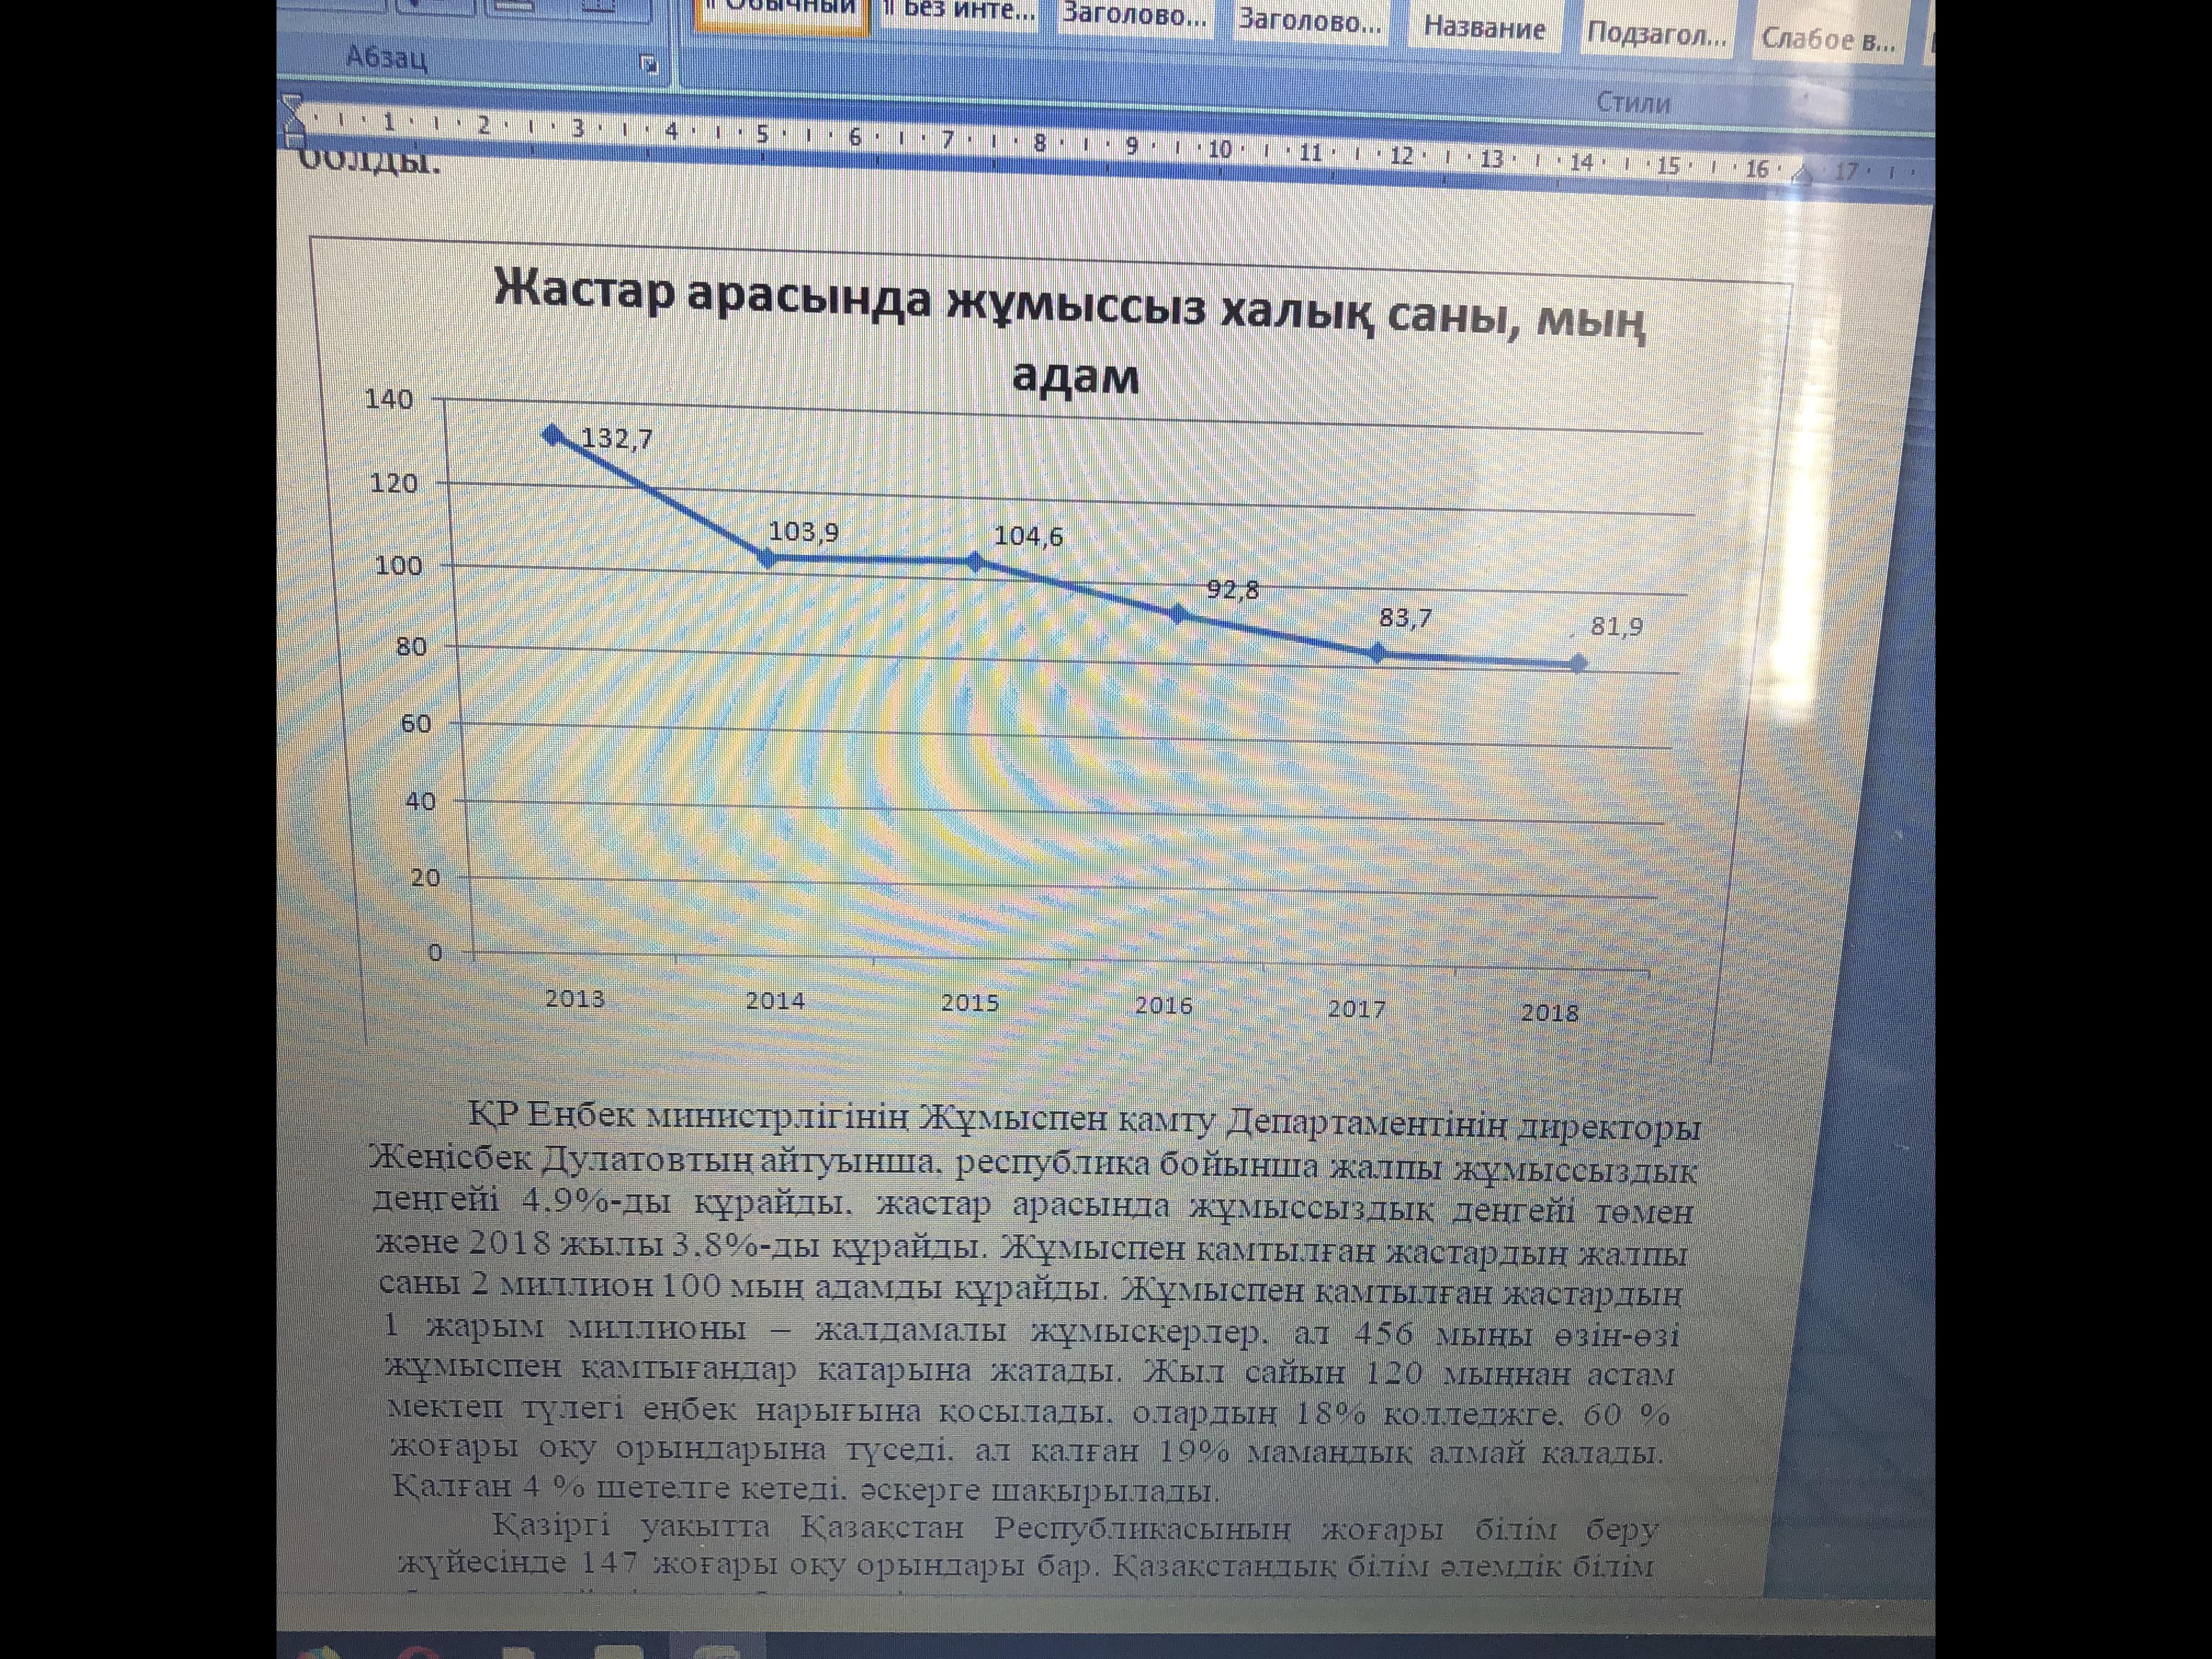 Фото Реферат на казахском языке . Была собрана информация из статей и переведена казахский язык